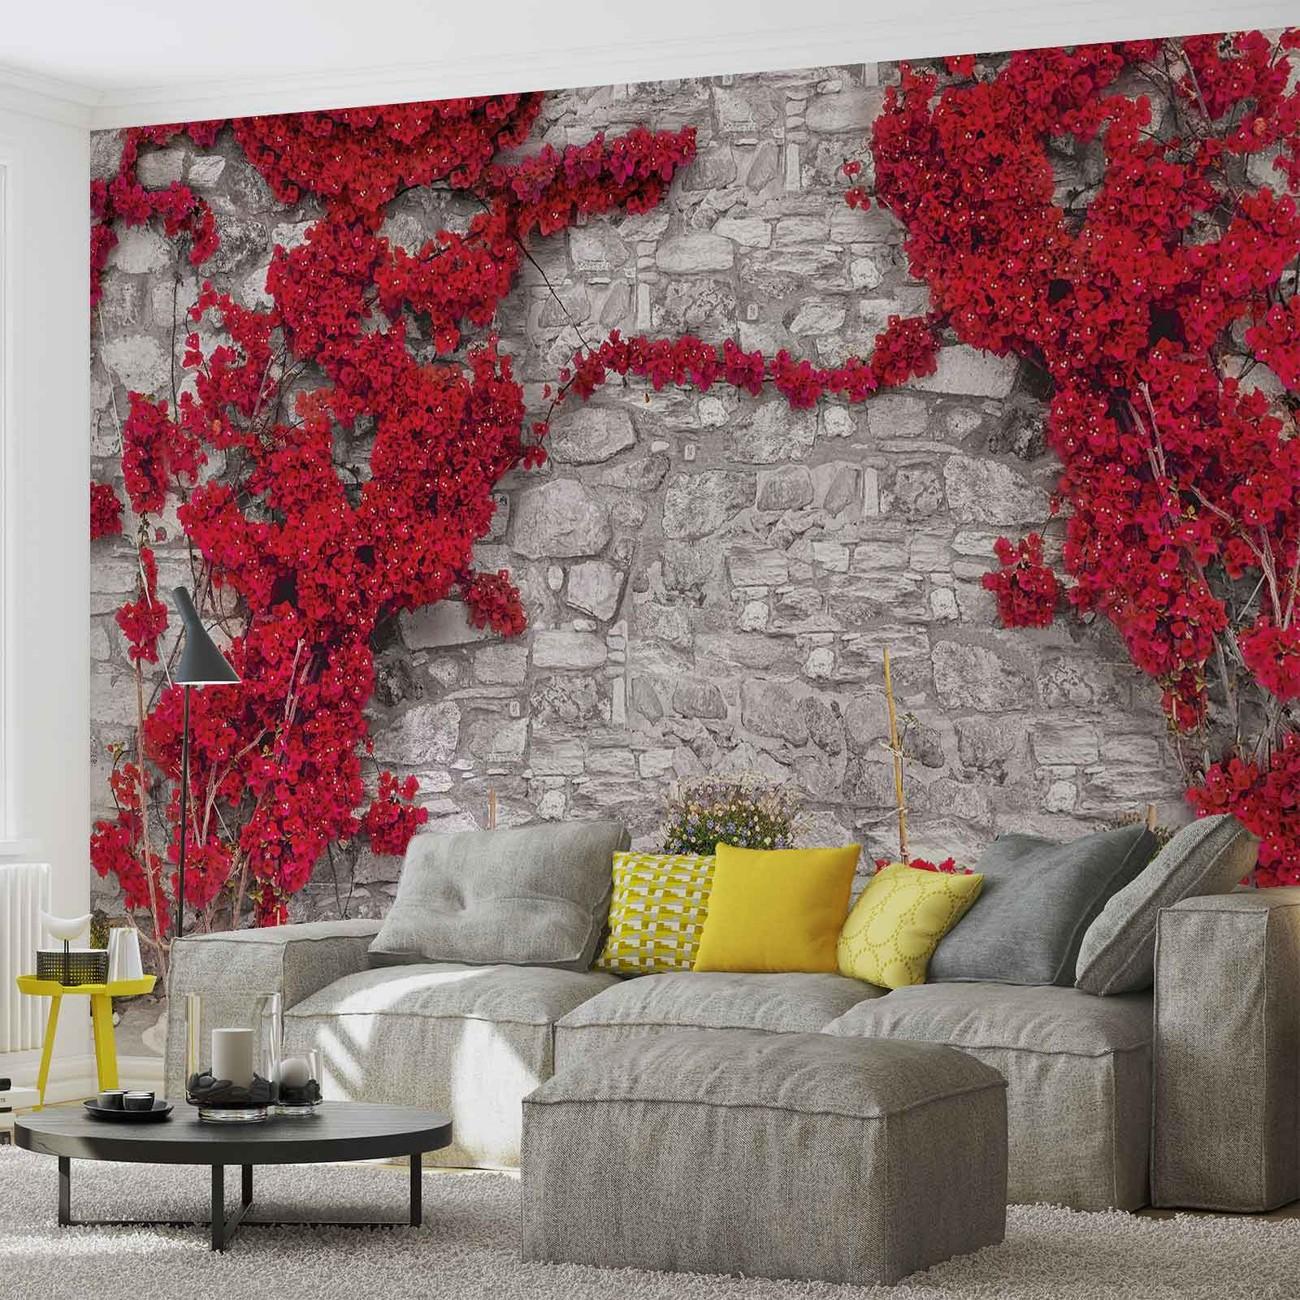 Carta da parati muro di pietra con fiori rossi for Carta da muro adesiva